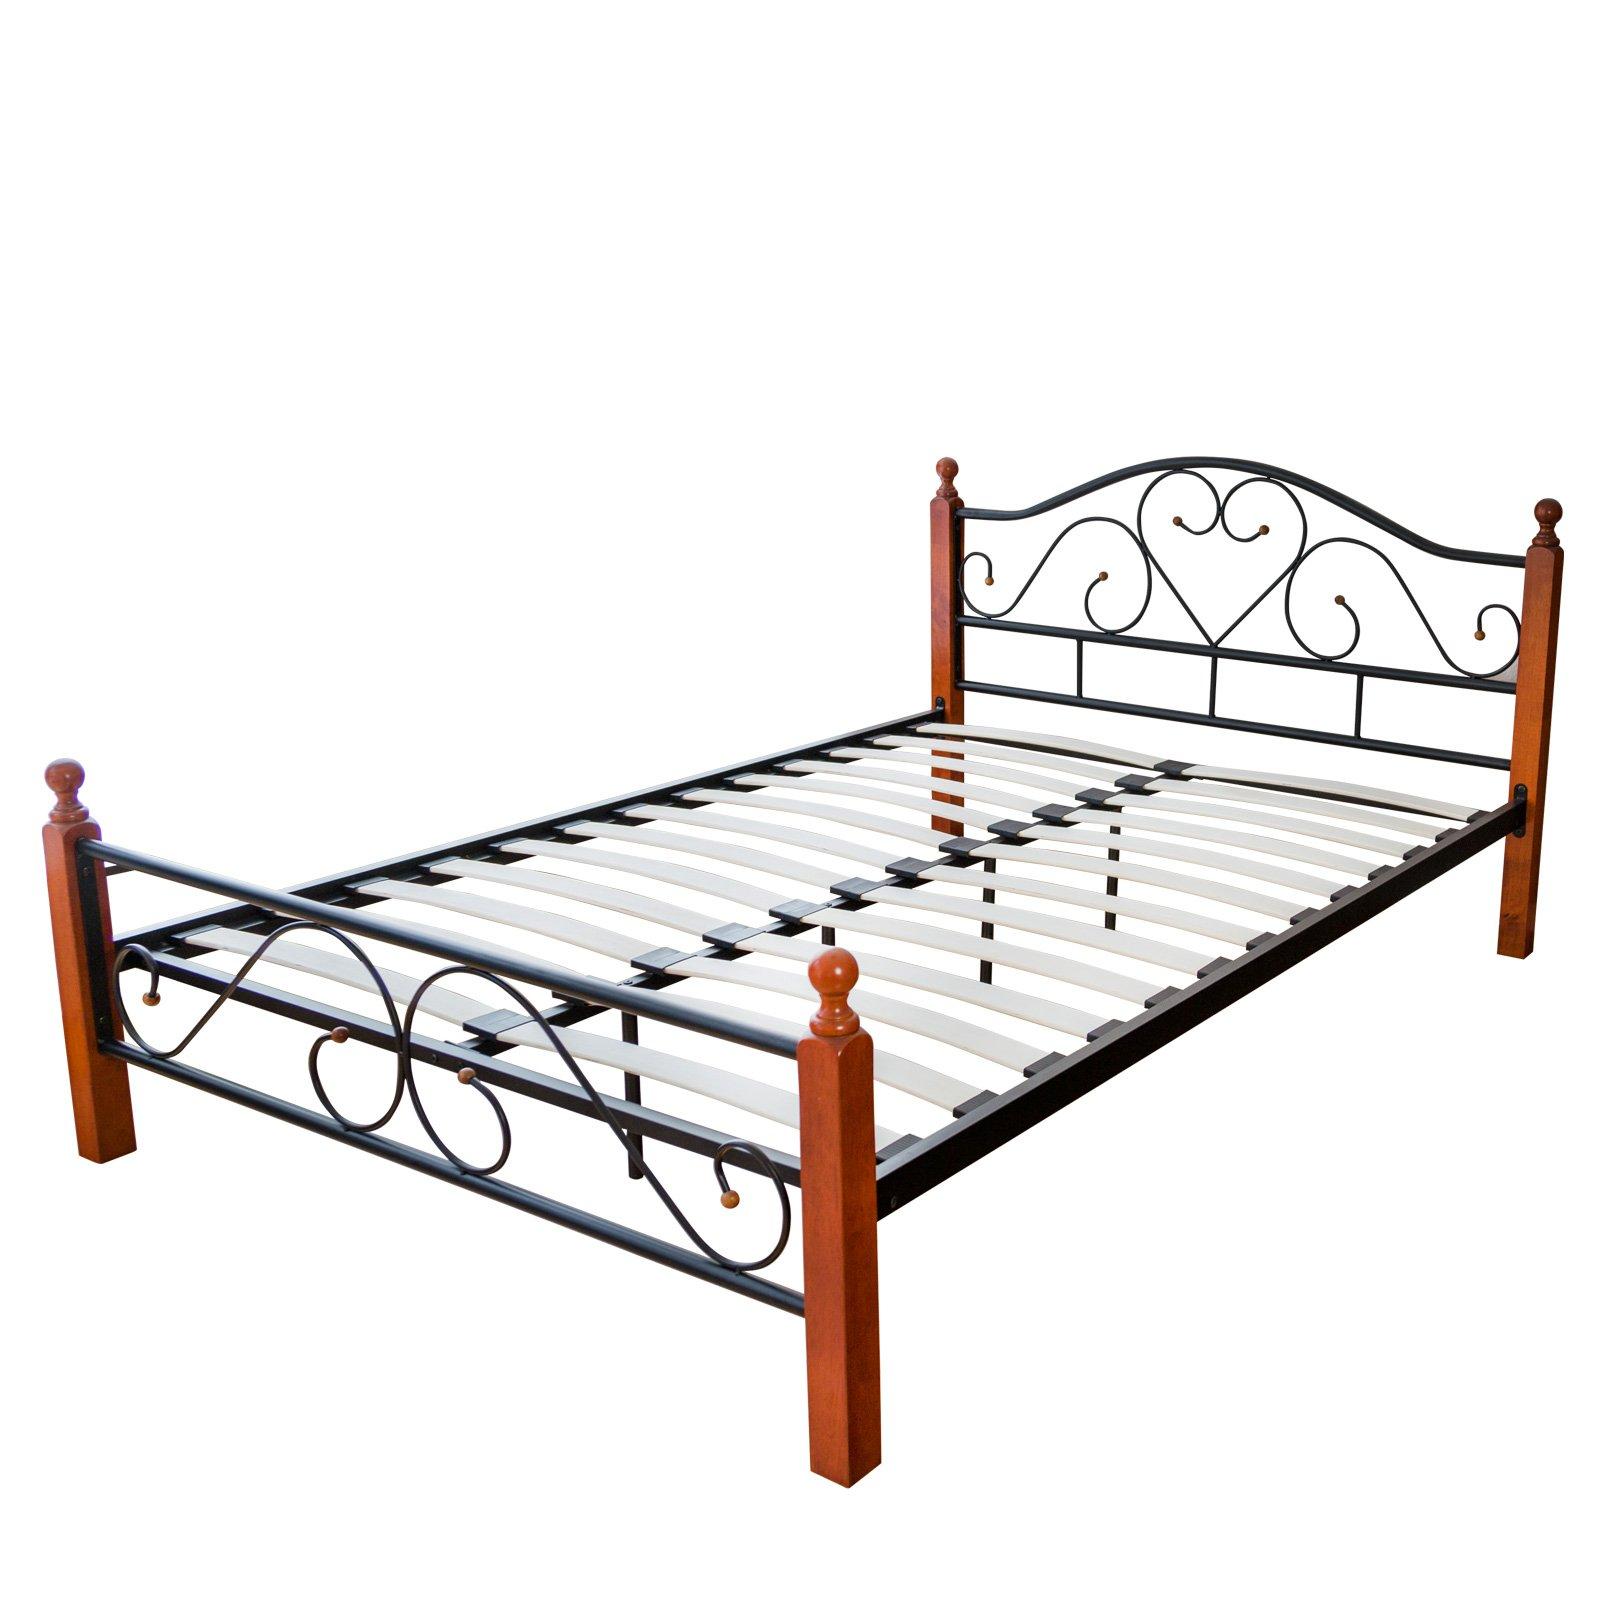 am besten bewertete produkte in der kategorie metallbetten. Black Bedroom Furniture Sets. Home Design Ideas